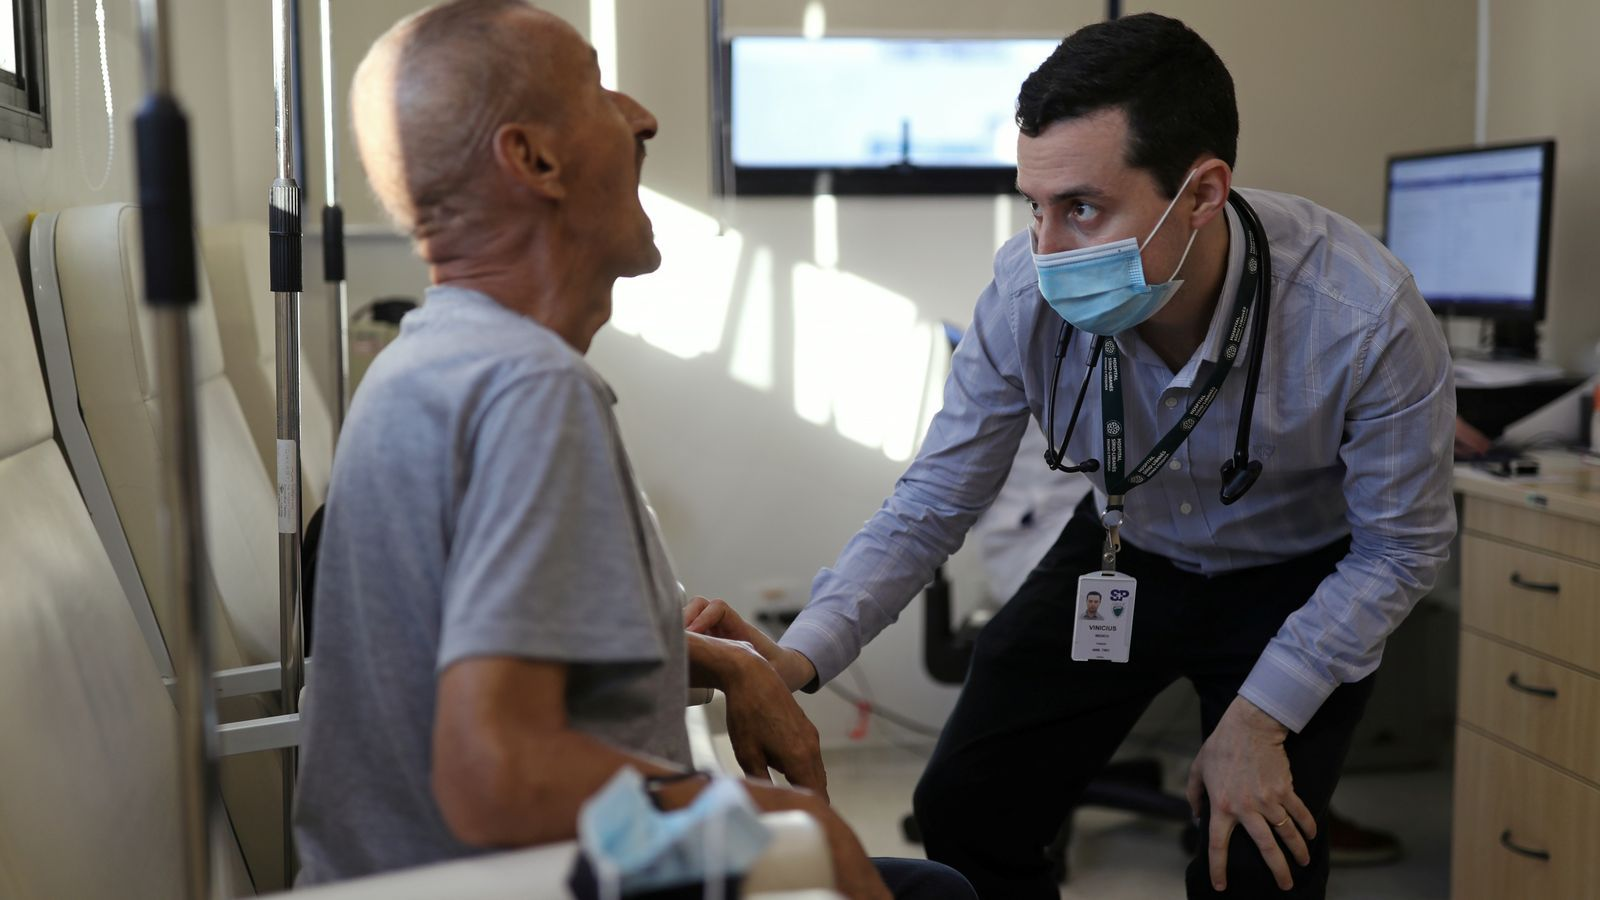 Vinicius Molla, a la dreta, metge hematòleg i voluntari de l'assaig de la vacuna d'Oxford al Brasil, examina un pacient a Sao Paulo, el passat 9 de juliol